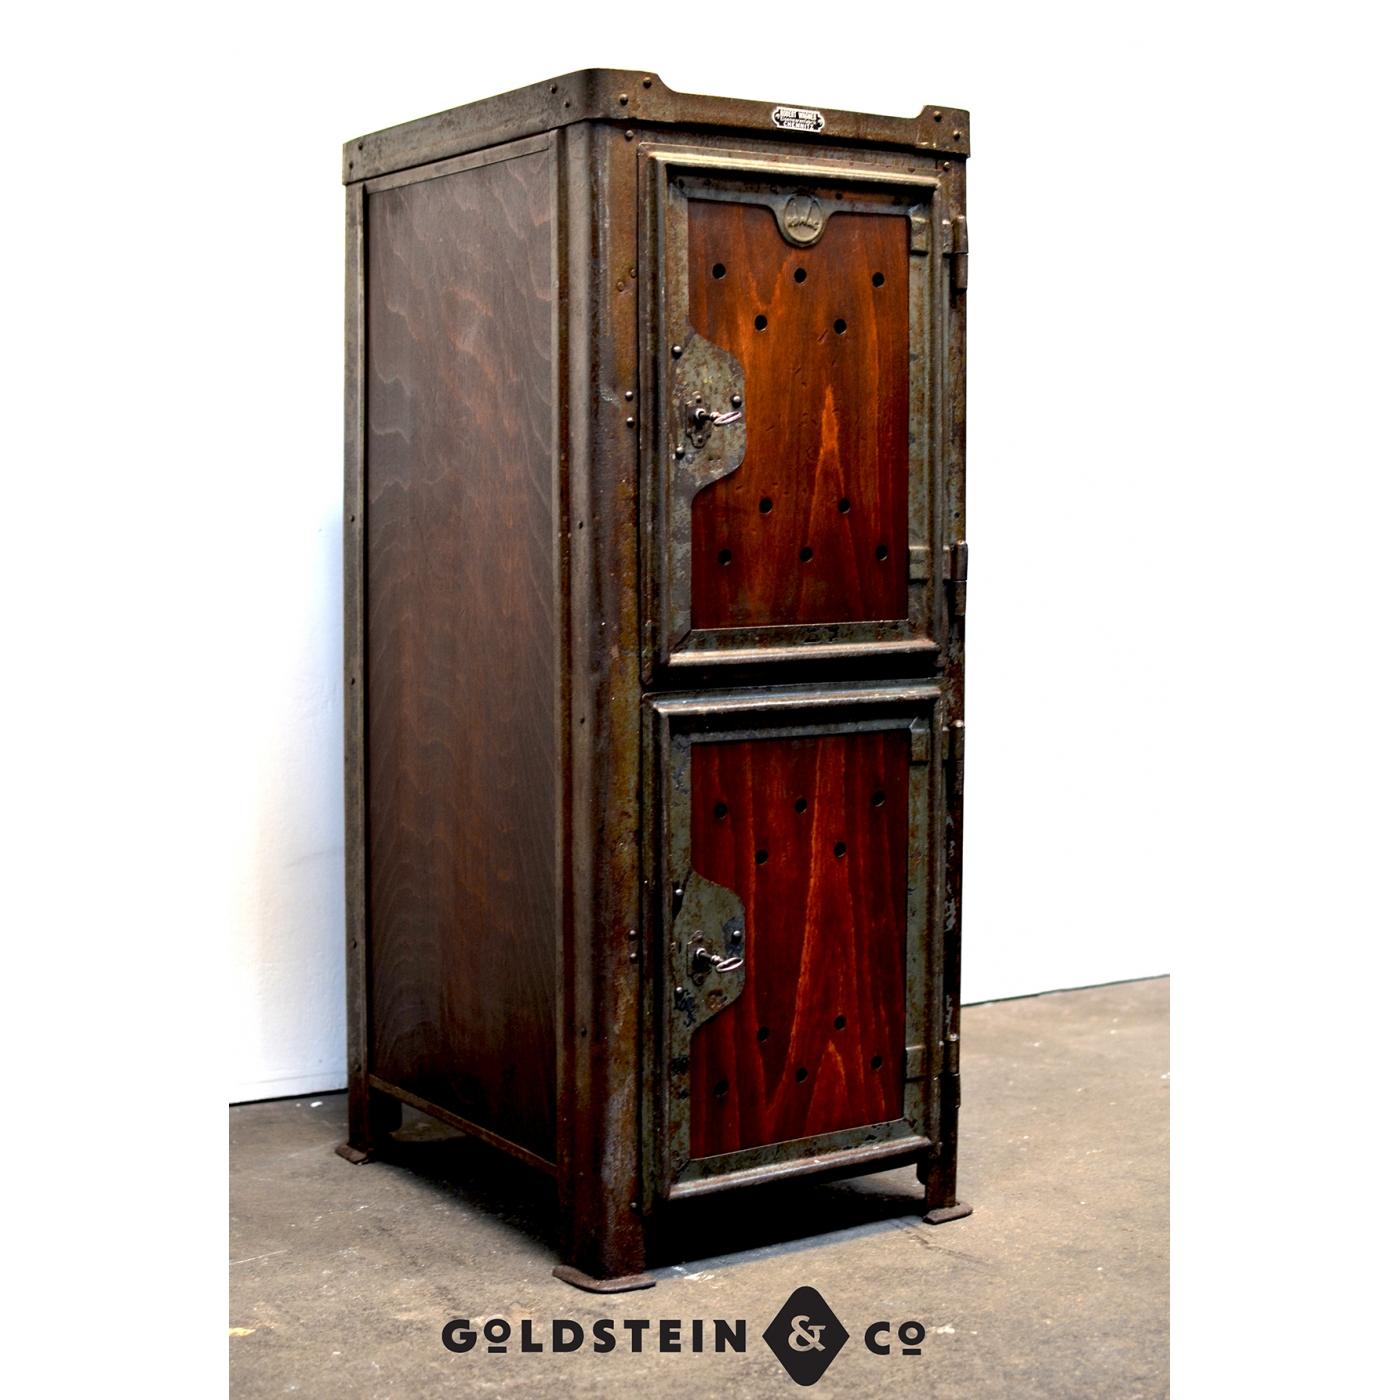 originaler werkstattschrank aus stahlblech - goldstein & co